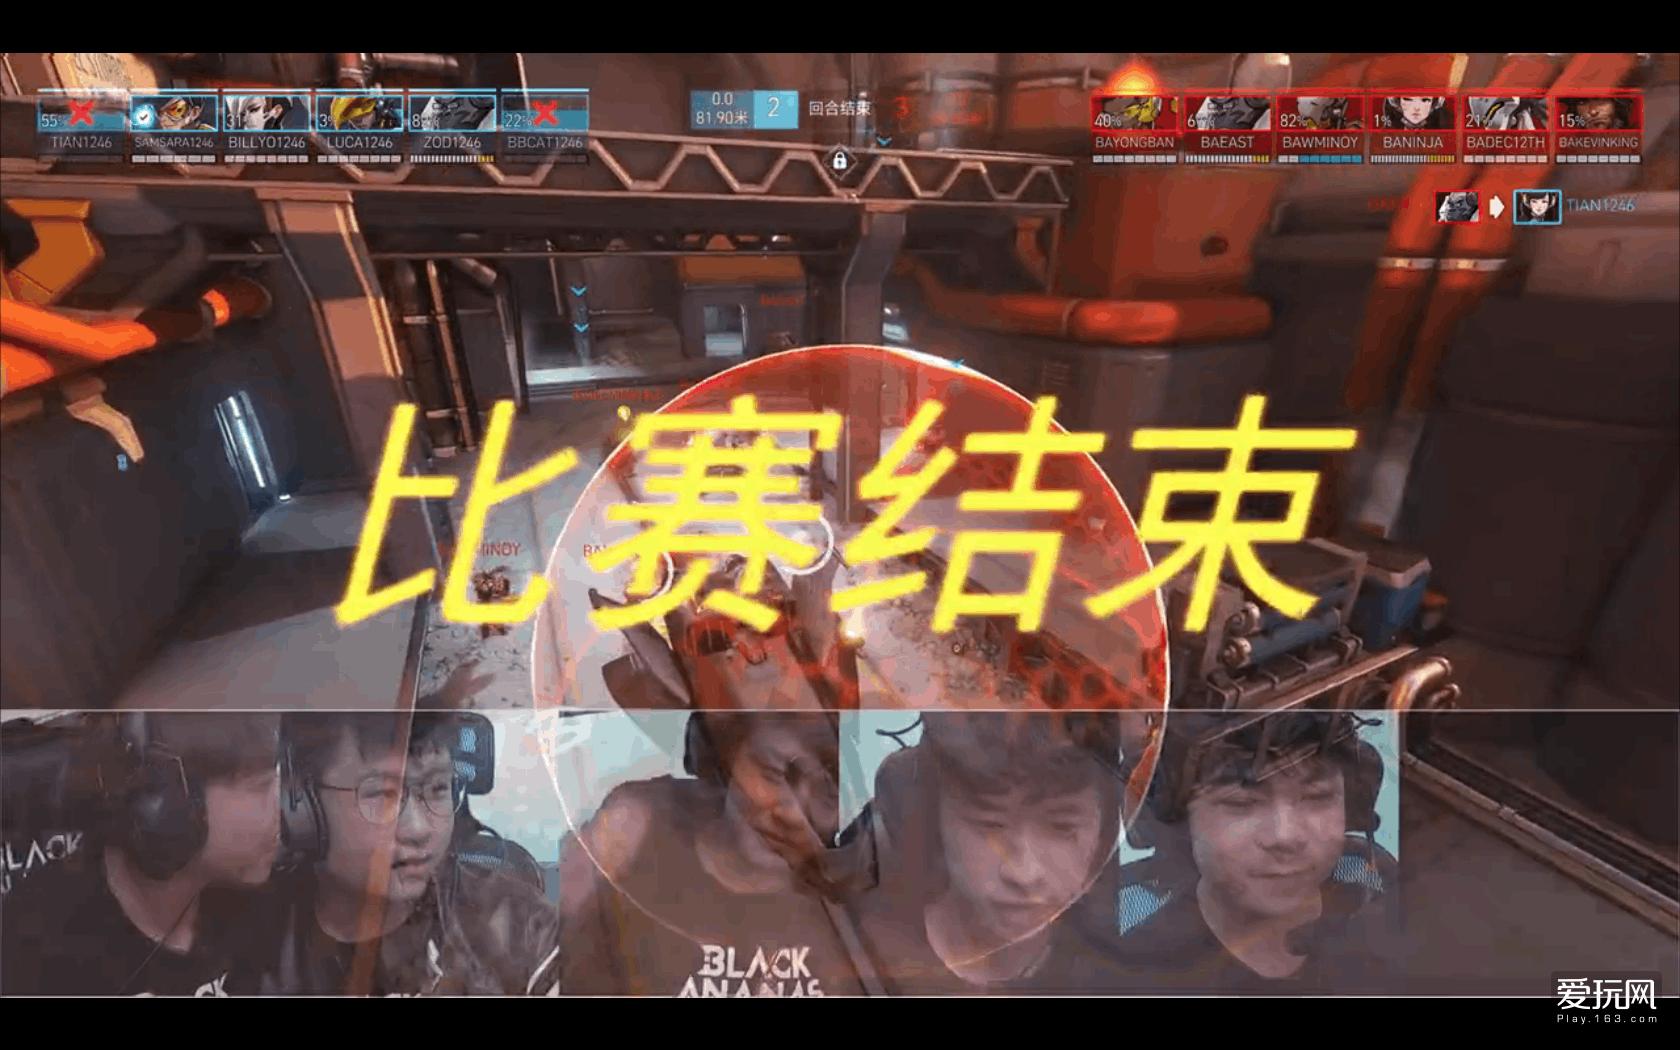 守望先锋OWPS联赛:BA止住败势,放狗王LGD